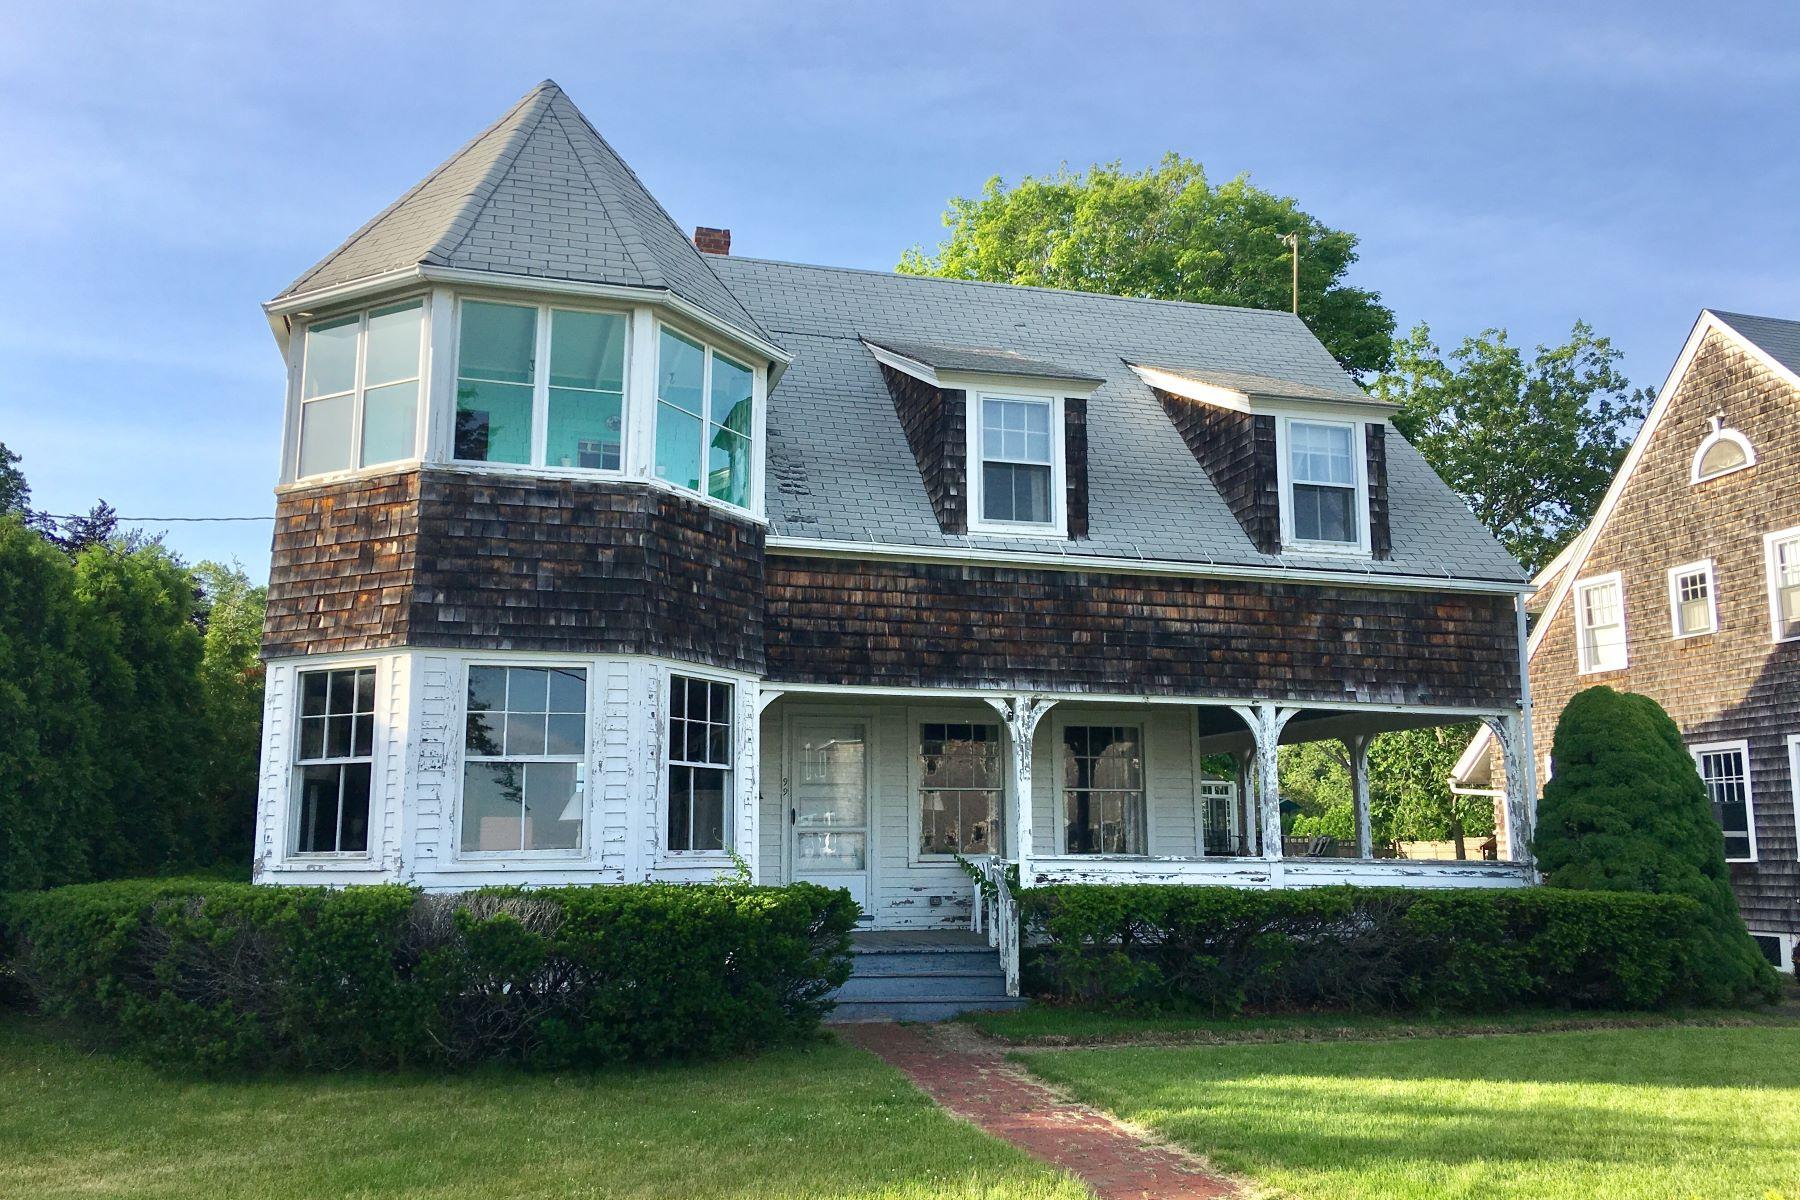 Частный односемейный дом для того Продажа на 99 Middle Beach Road Madison, Коннектикут, 06443 Соединенные Штаты